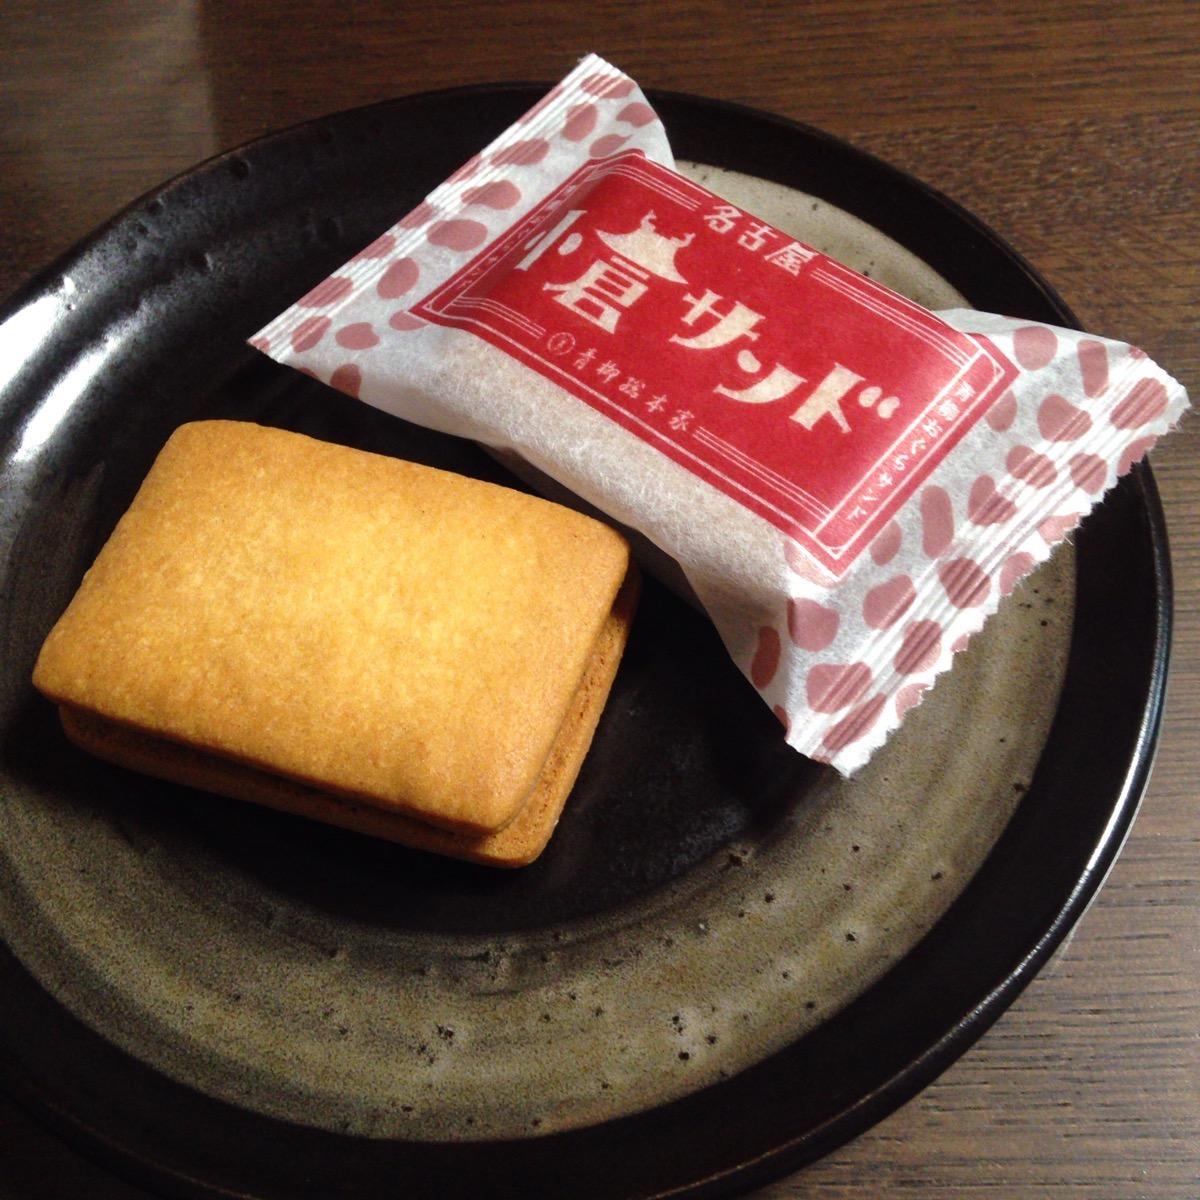 「青柳総本家 小倉サンド」の画像検索結果